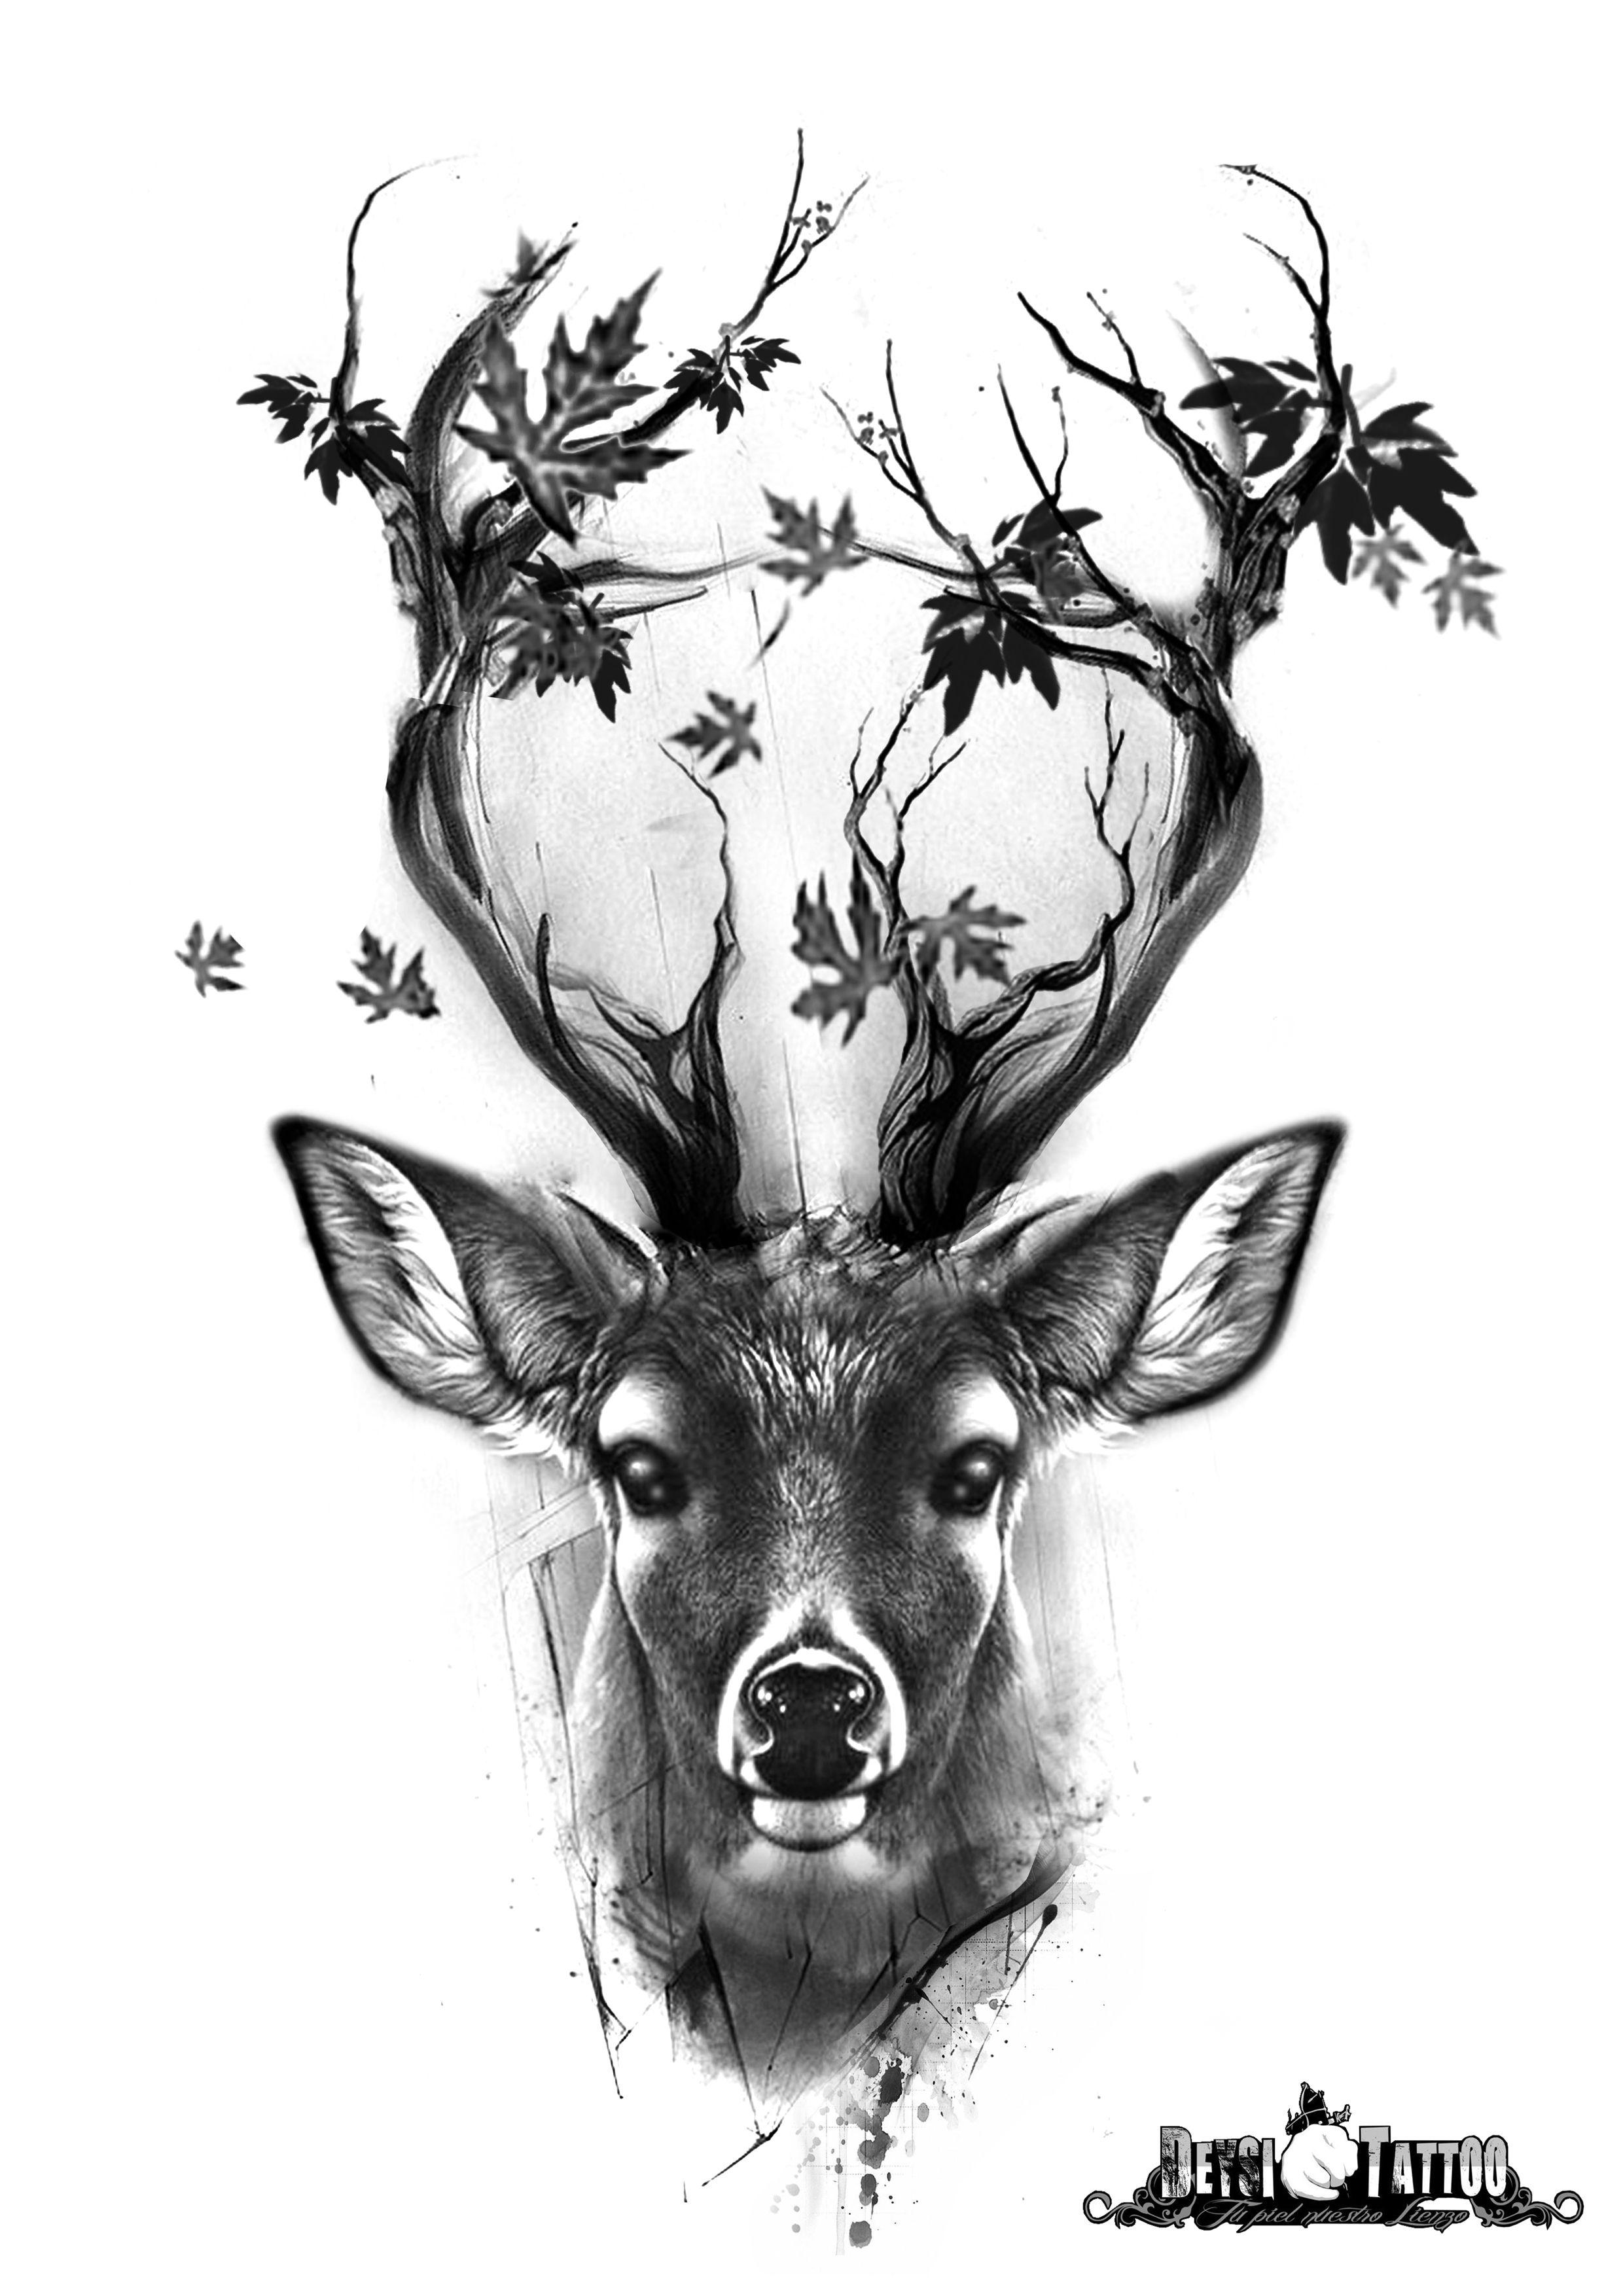 Diseño de ciervo con adornos florales (hojas). Los cuernos parecen ...